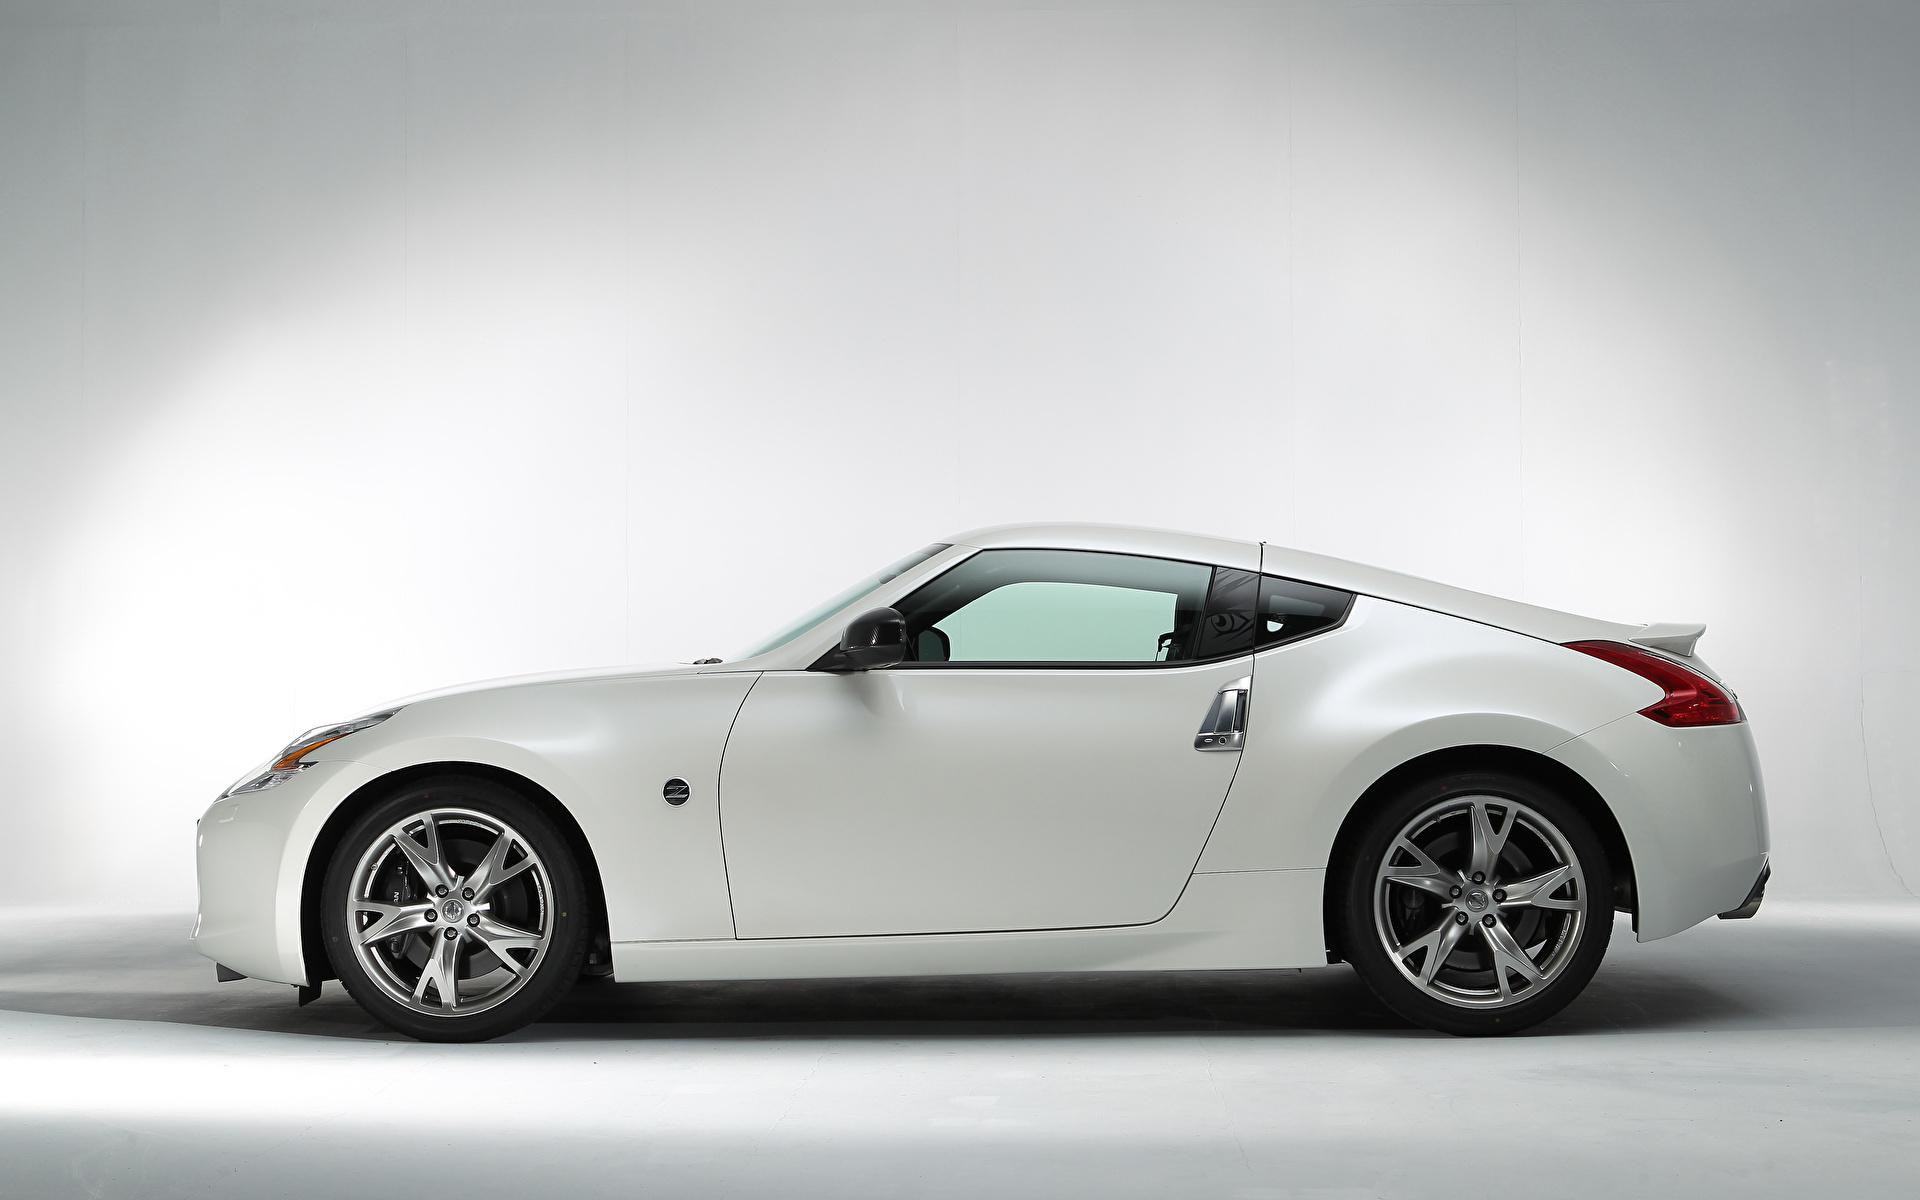 Обои для рабочего стола Ниссан 370Z Signatech (Z34), 2012 белых Сбоку Металлик автомобиль 1920x1200 Nissan белая белые Белый авто машины машина Автомобили